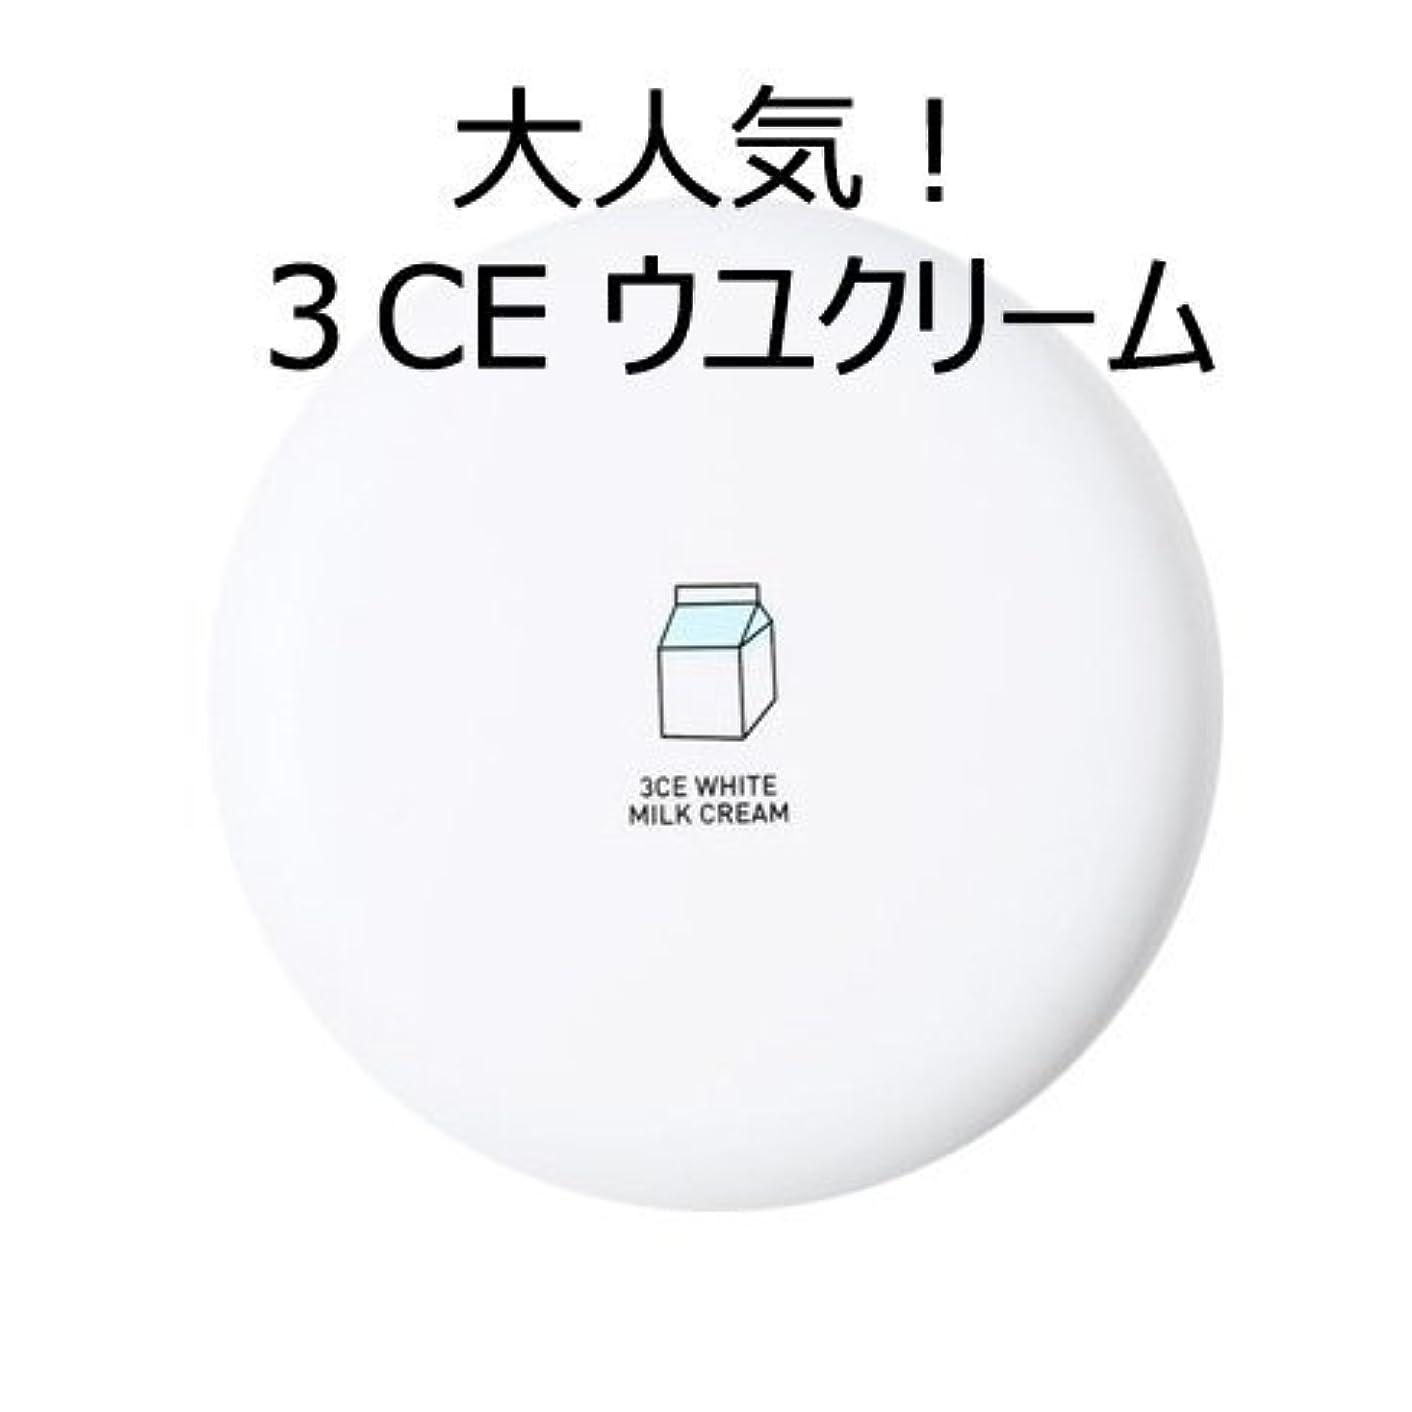 専らブレーク句[3CE] [大人気!話題のウユクリーム] 3CE White Milk Cream [並行輸入品]